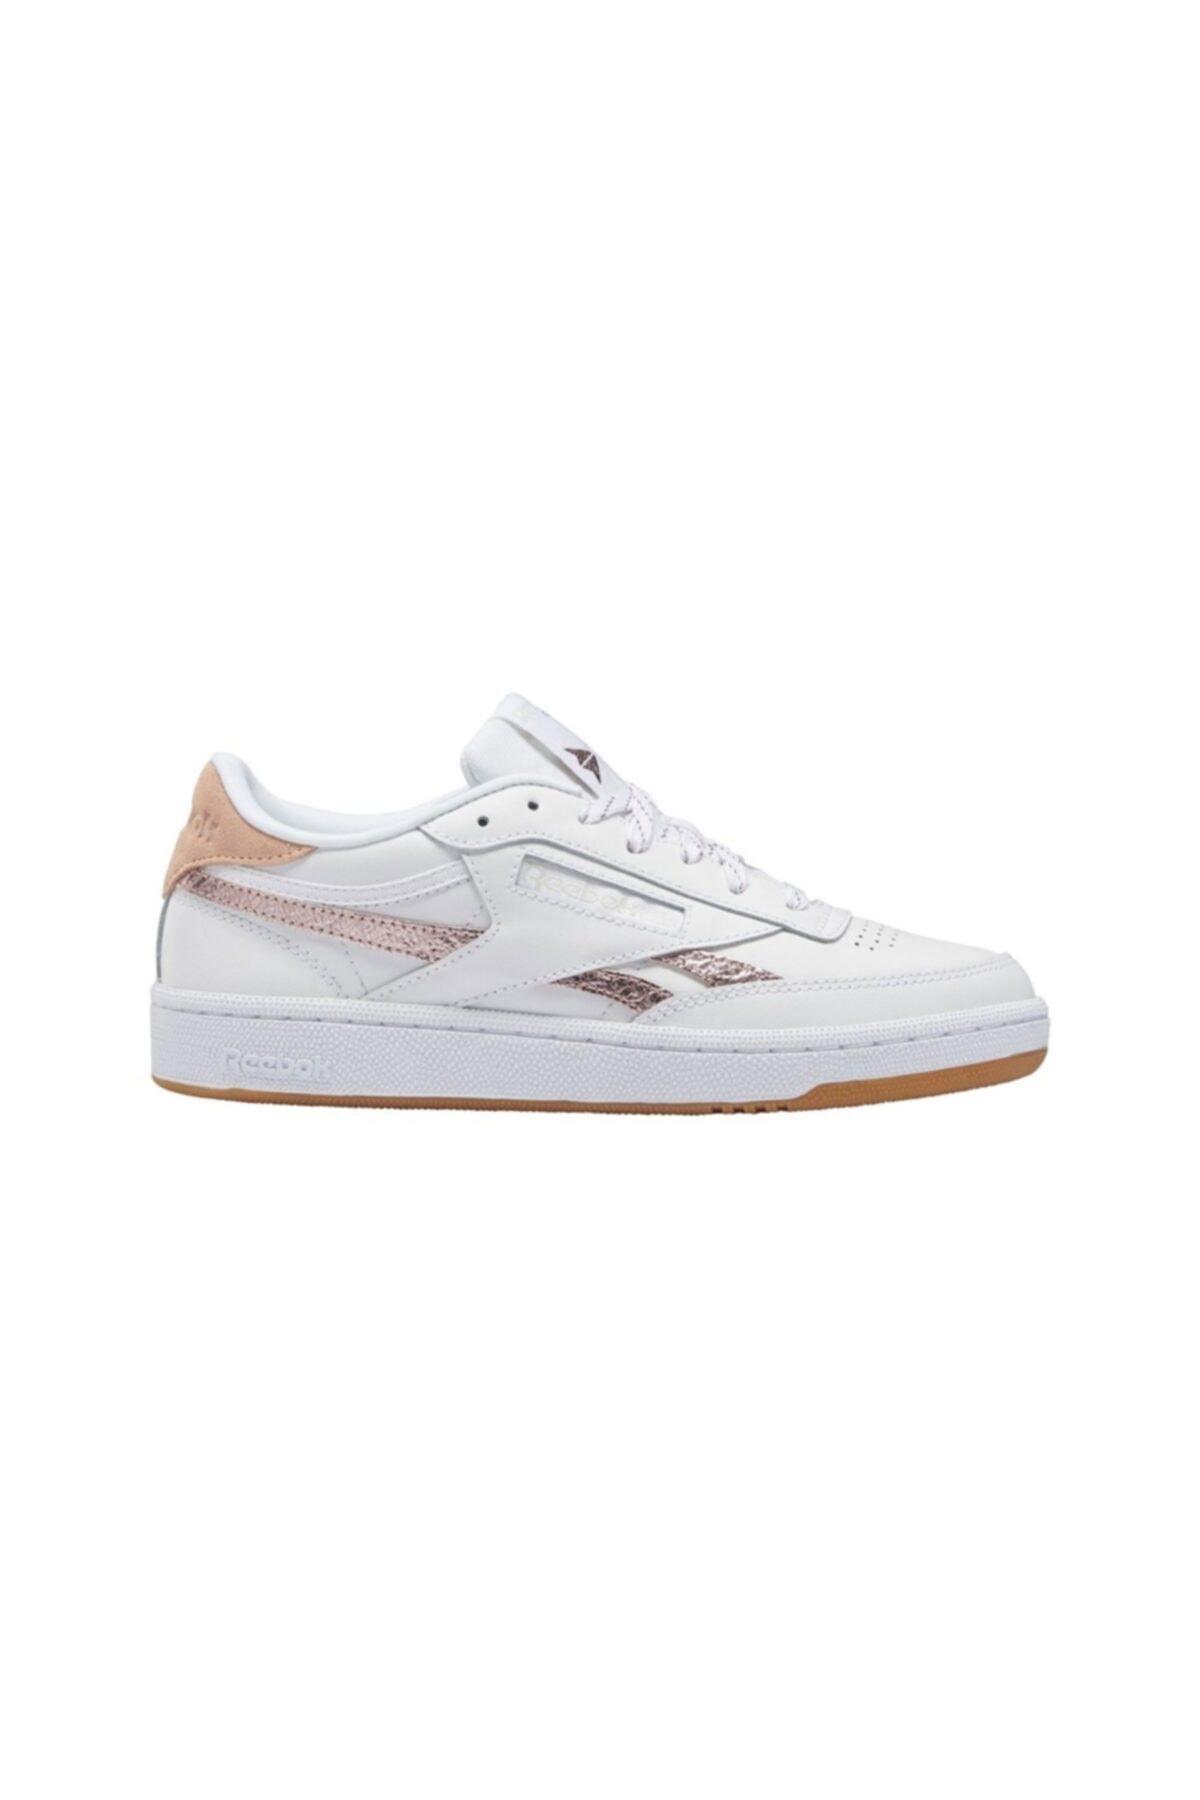 Kadın Beyaz Günlük Spor Ayakkabı Club C 85